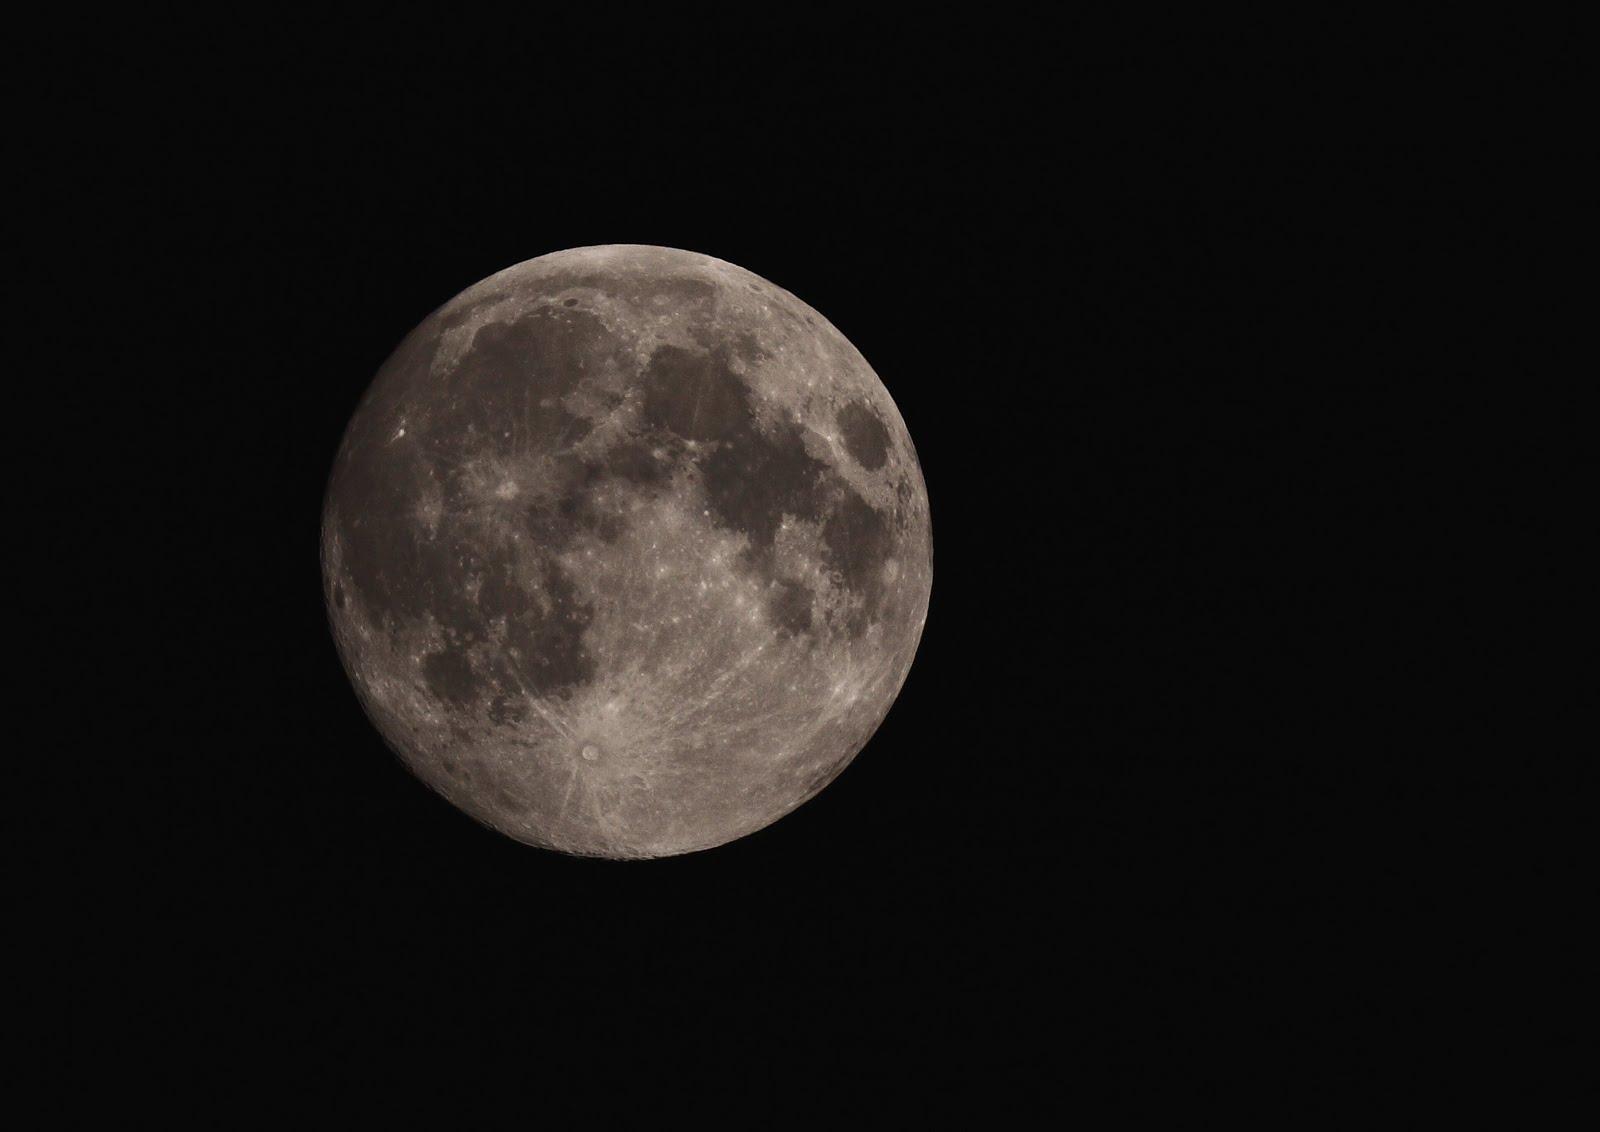 Astromick: The Moon tonight - 23rd August 2010